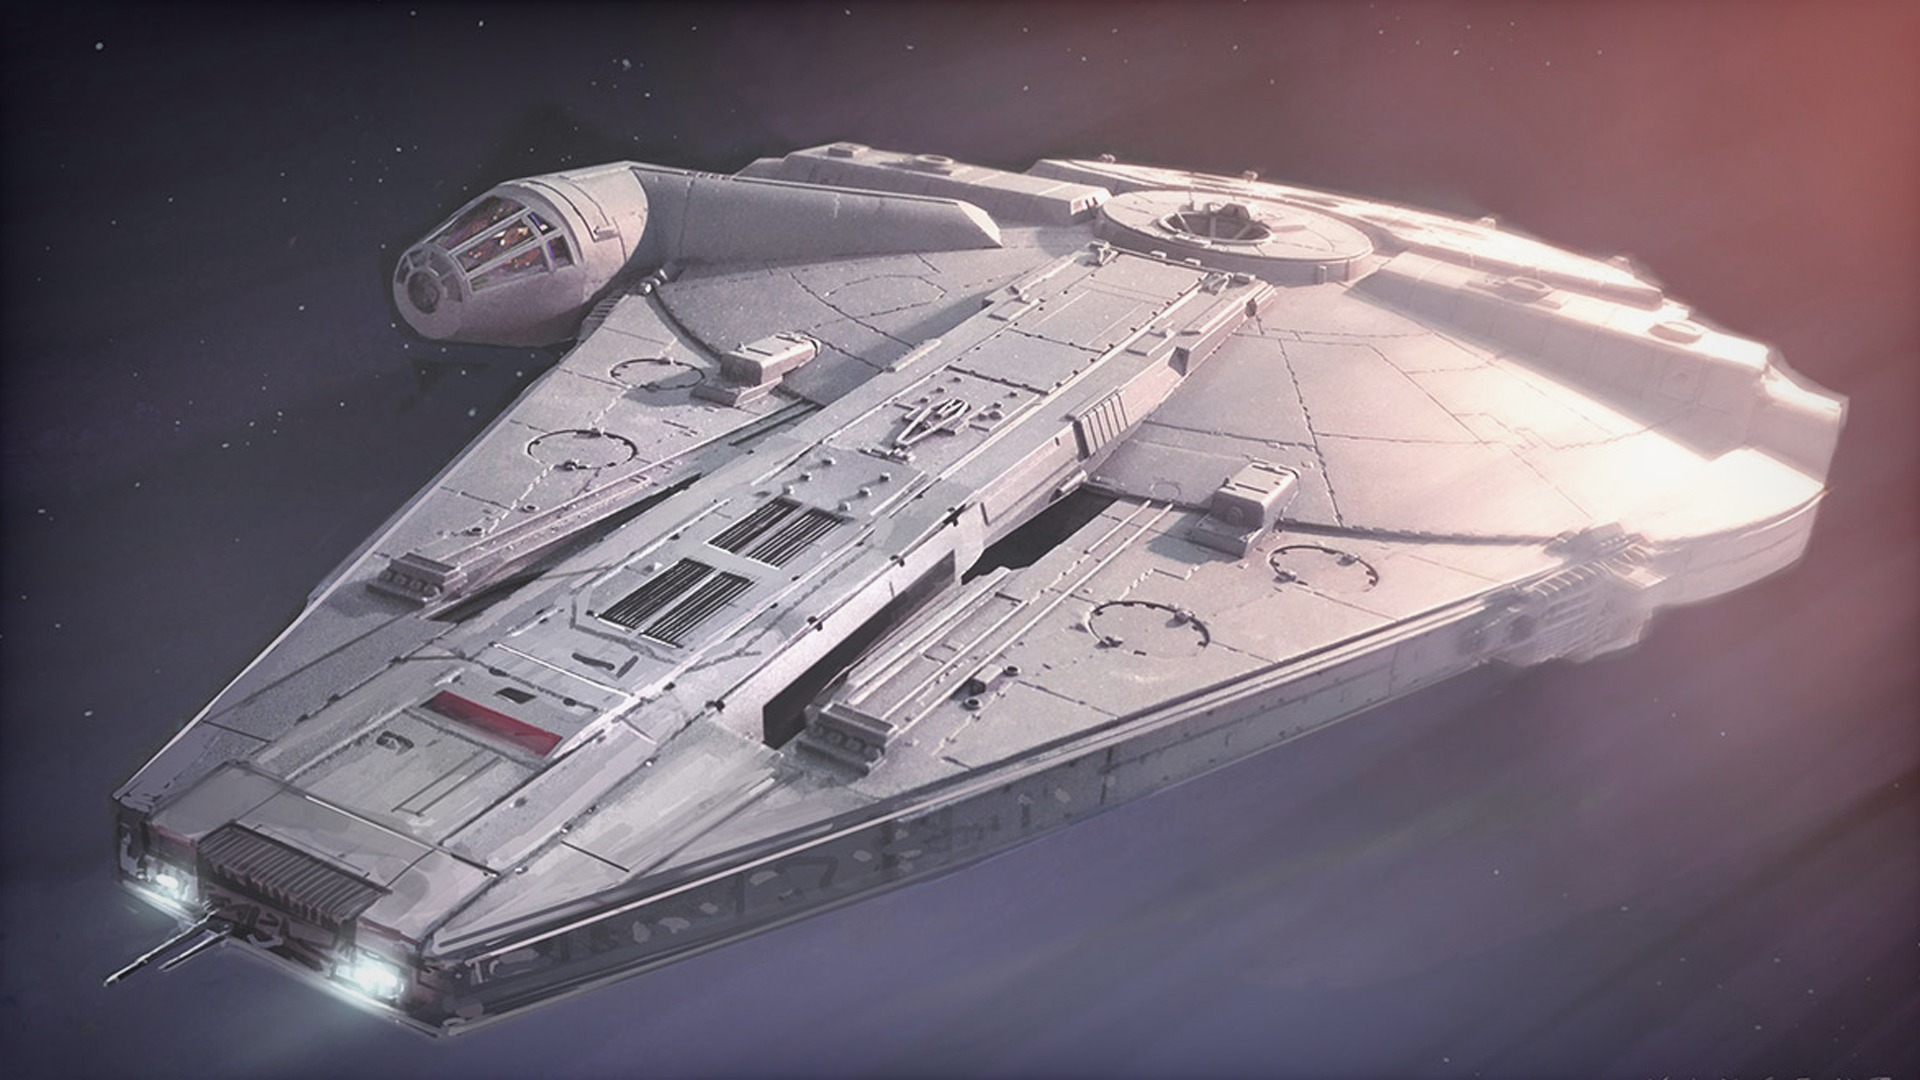 Star Wars Sound Design Inspires a Closer Listen to Modern Machines